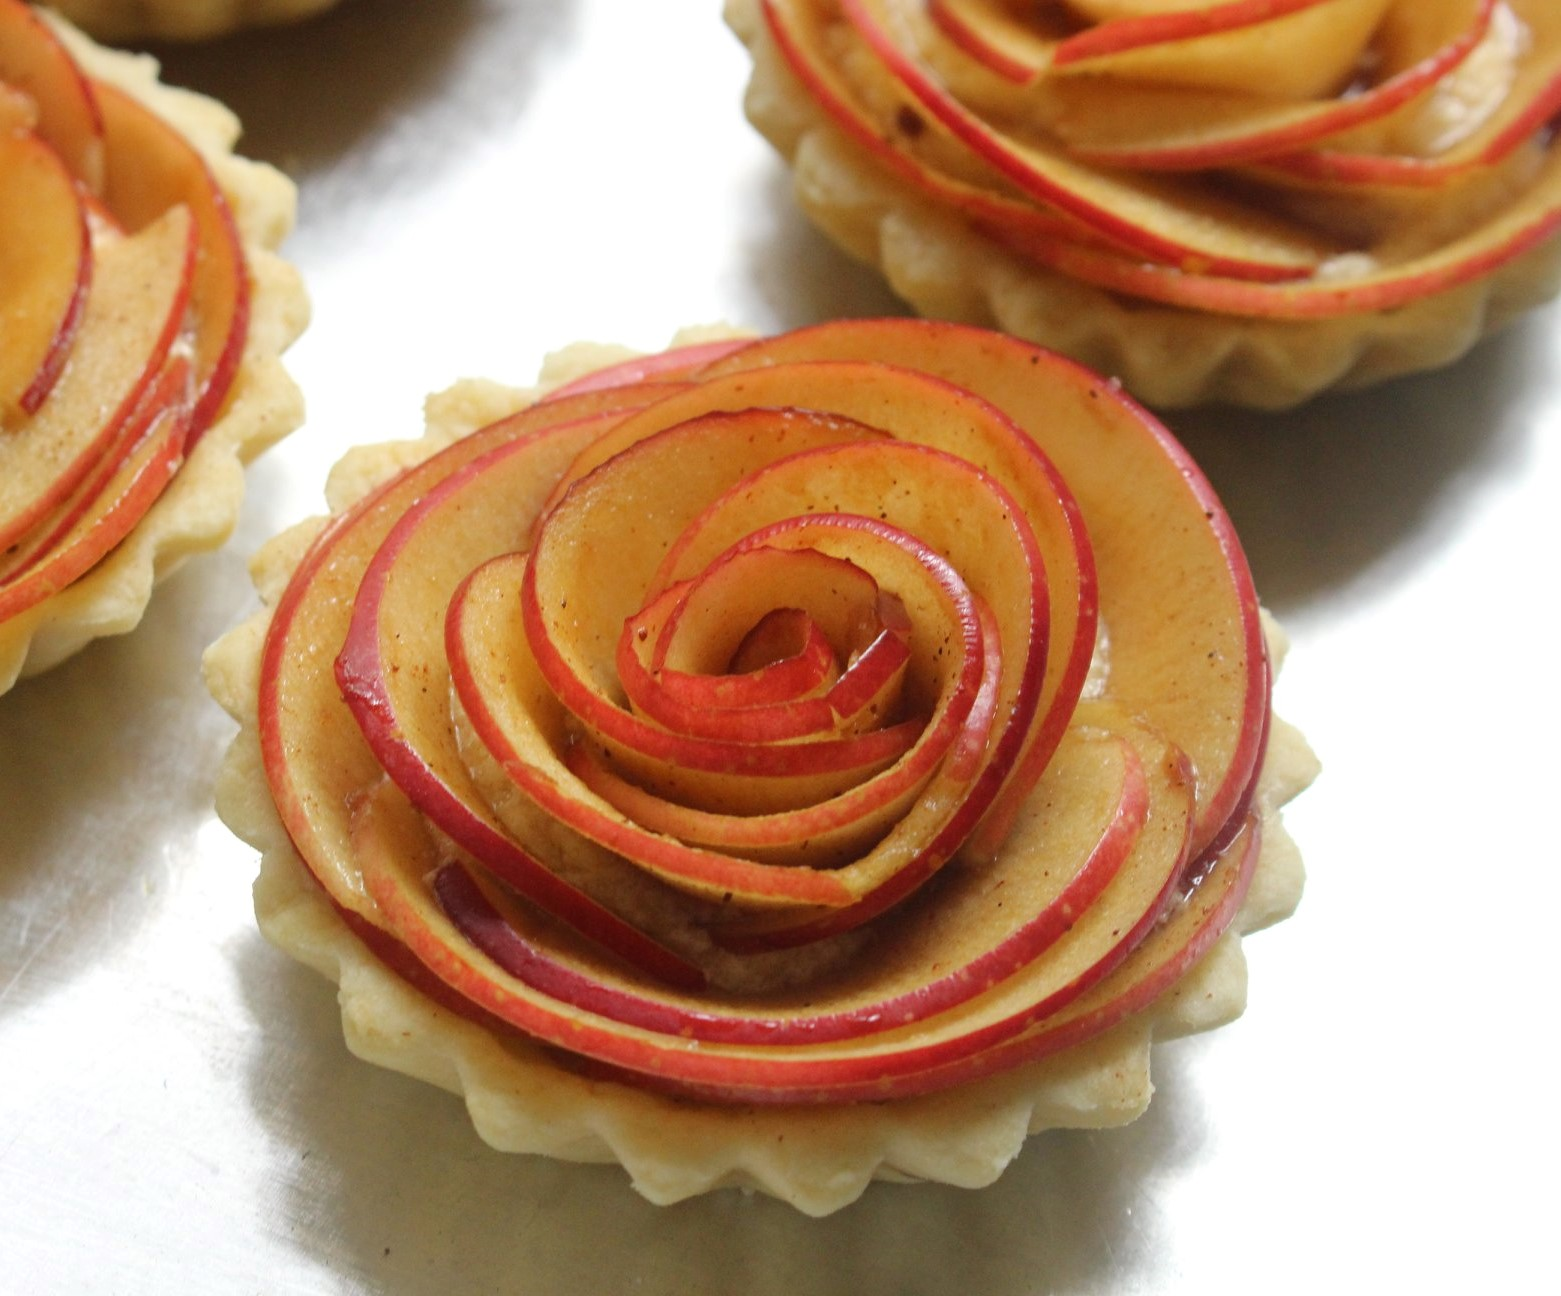 Cách làm bánh táo kem hạnh nhân 20 cách làm bánh táo kem hạnh nhân Cách làm bánh táo kem hạnh nhân chua ngon vô ngần cach lam banh tao kem hanh nhan 20